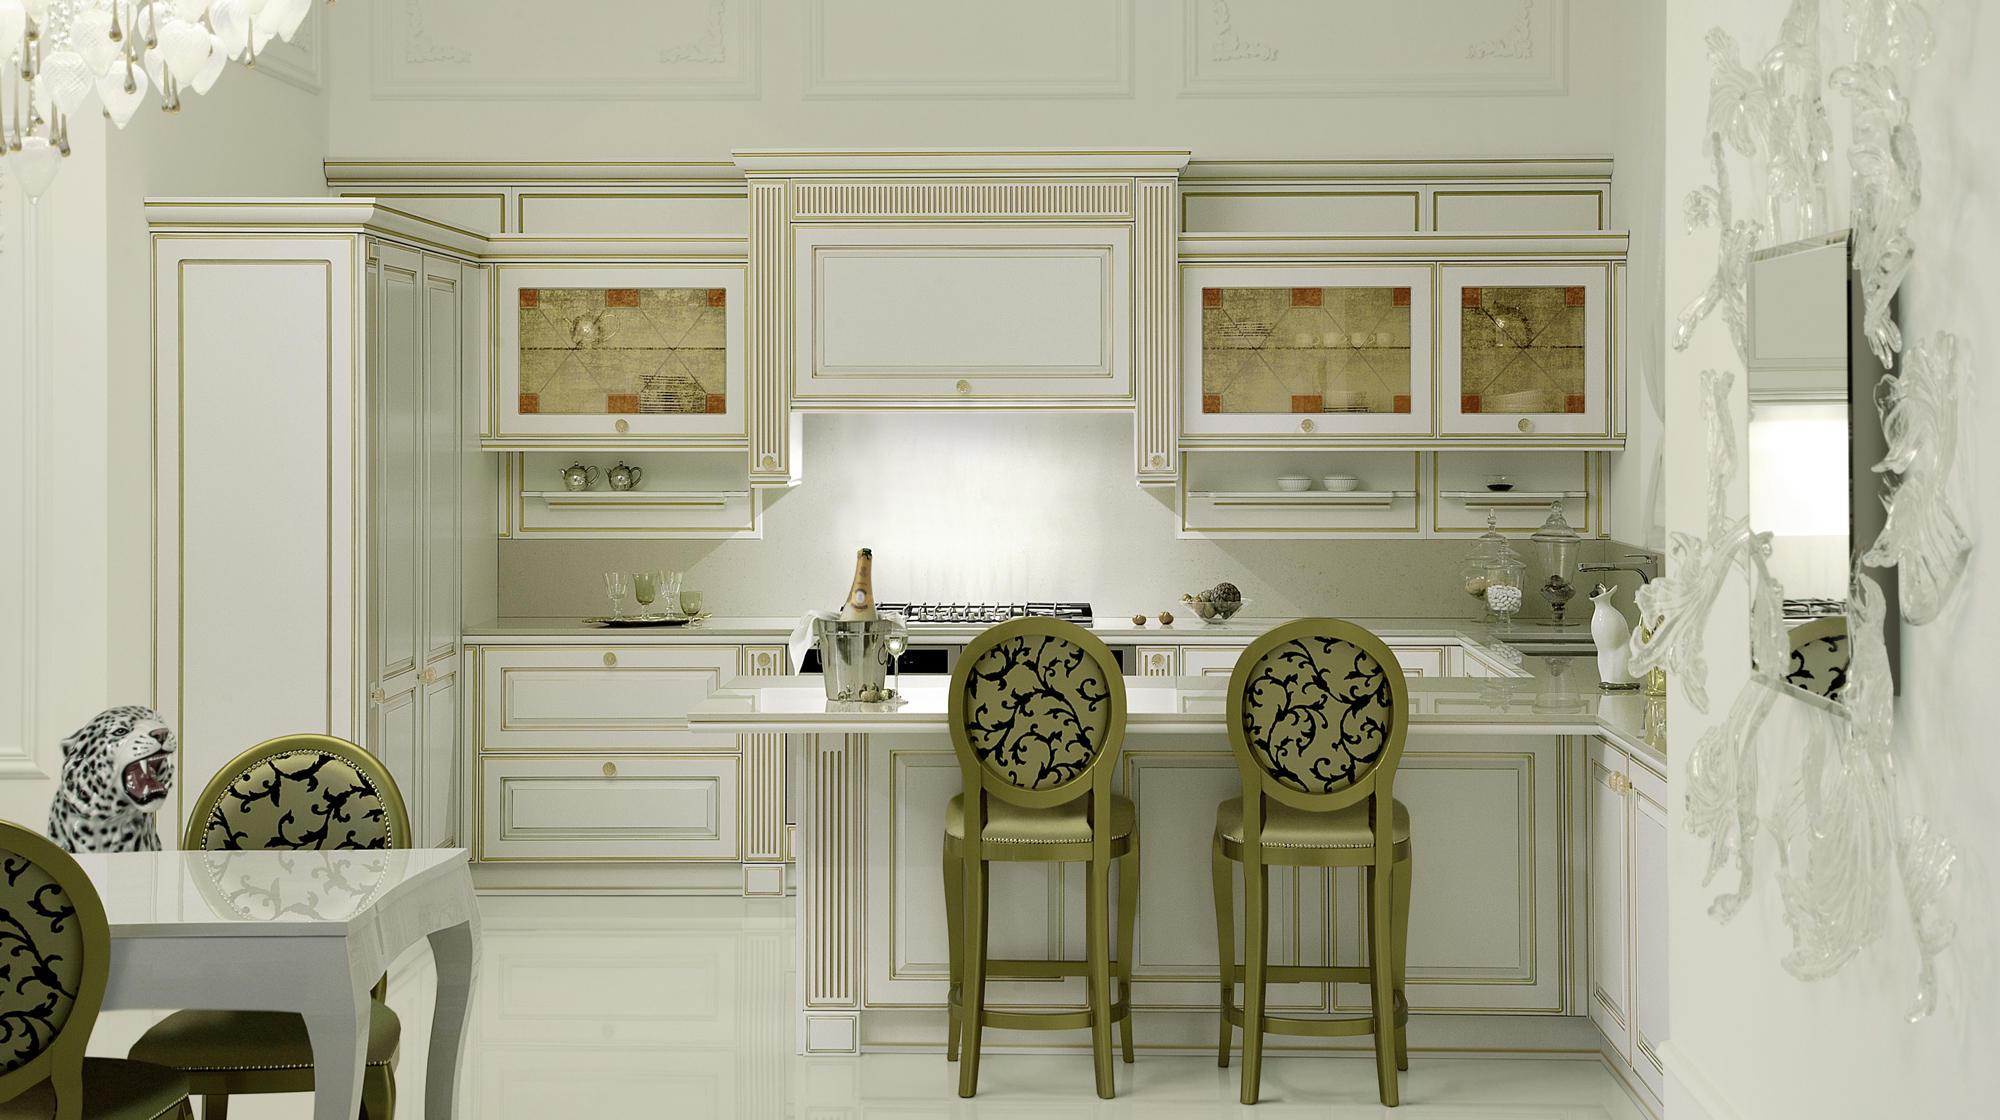 Mirabeau cucine a parete veneta cucine architonic - Cucine a parete ...